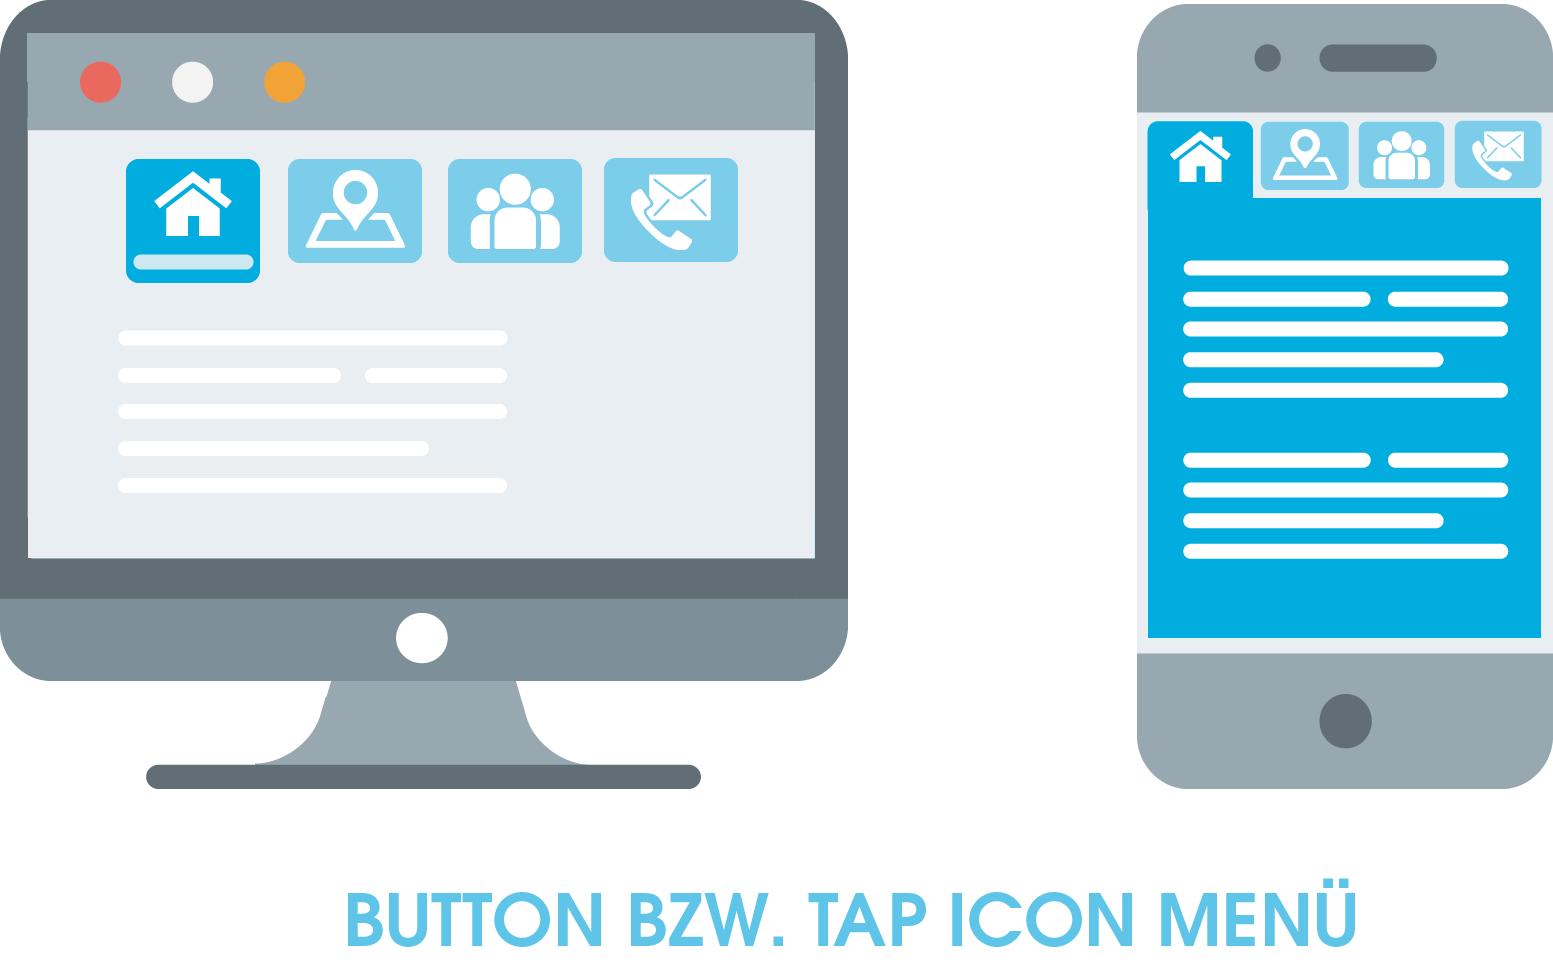 Zu sehen ist ein Button bzw. Tap Icon Menü, das zu den horizontalen Menüs gehört. Es zeichnet sich dadurch aus, dass sich das Menü für genau das Icon vergrößert, das der Nutzer anklickt.